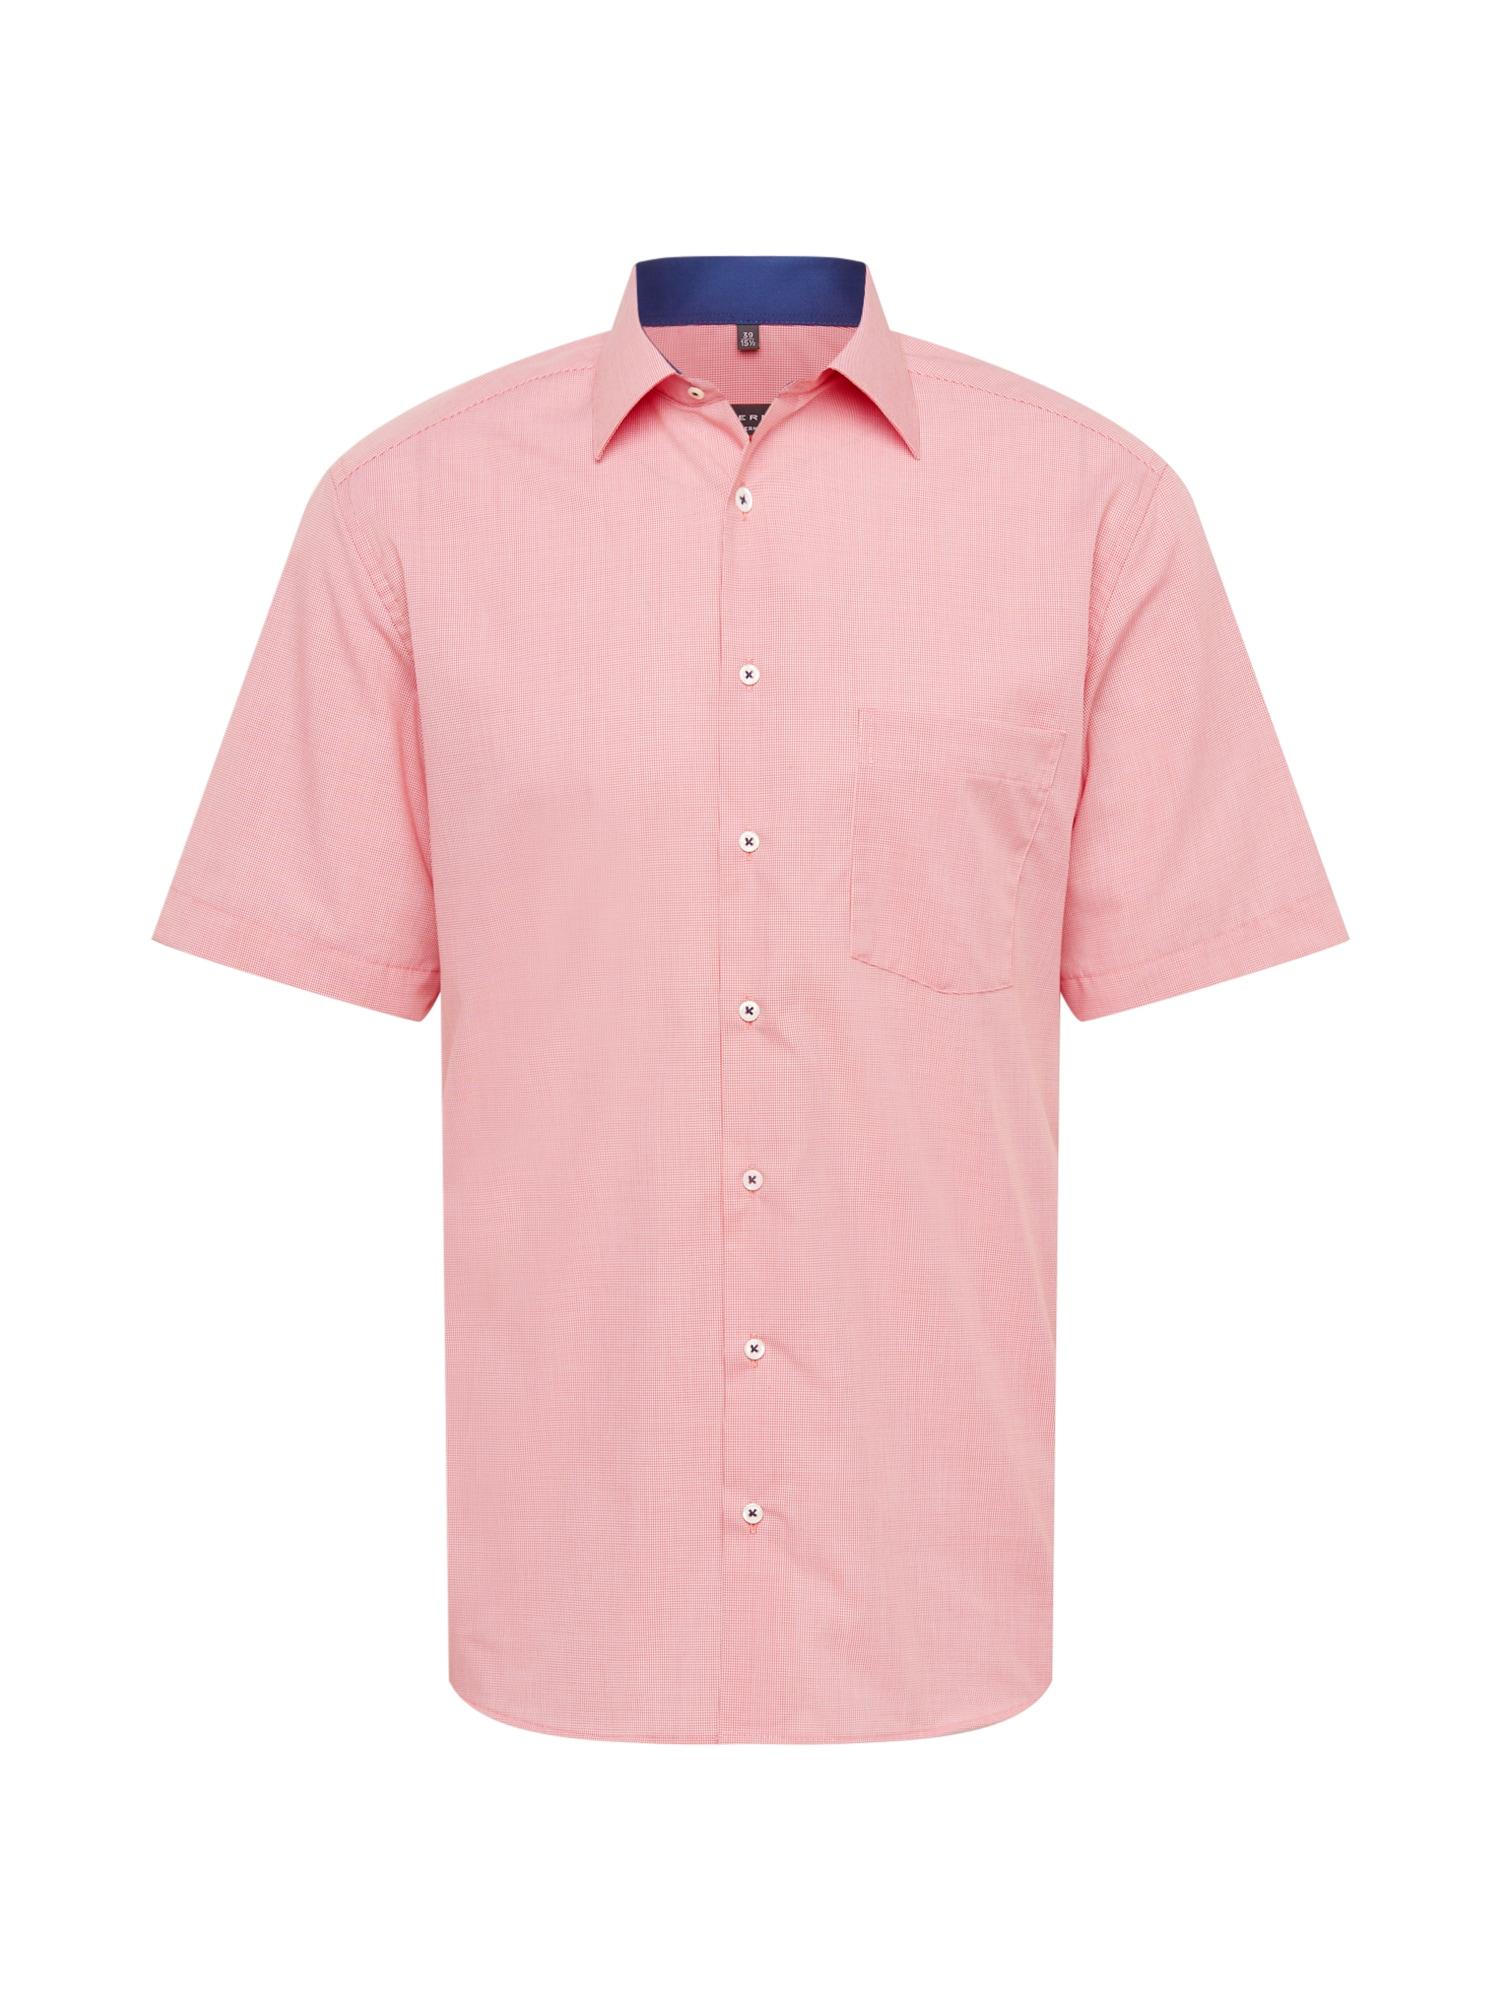 ETERNA Marškiniai pastelinė raudona